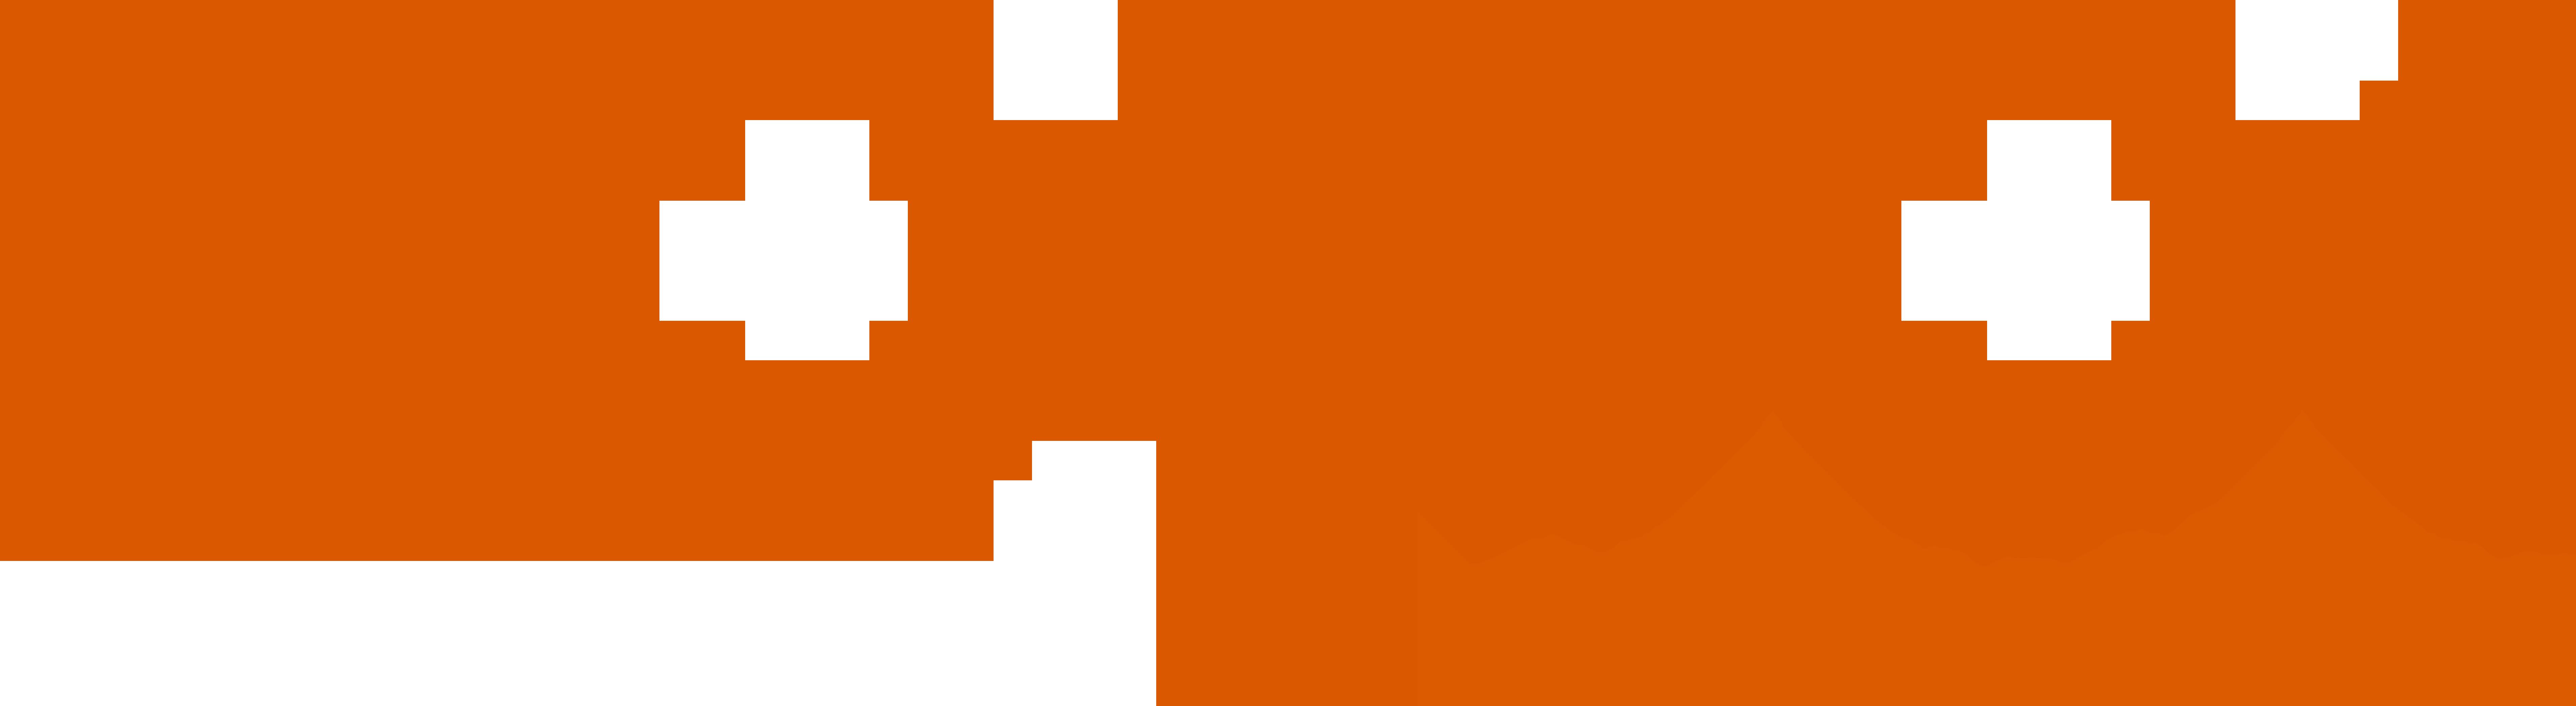 Filo Dog